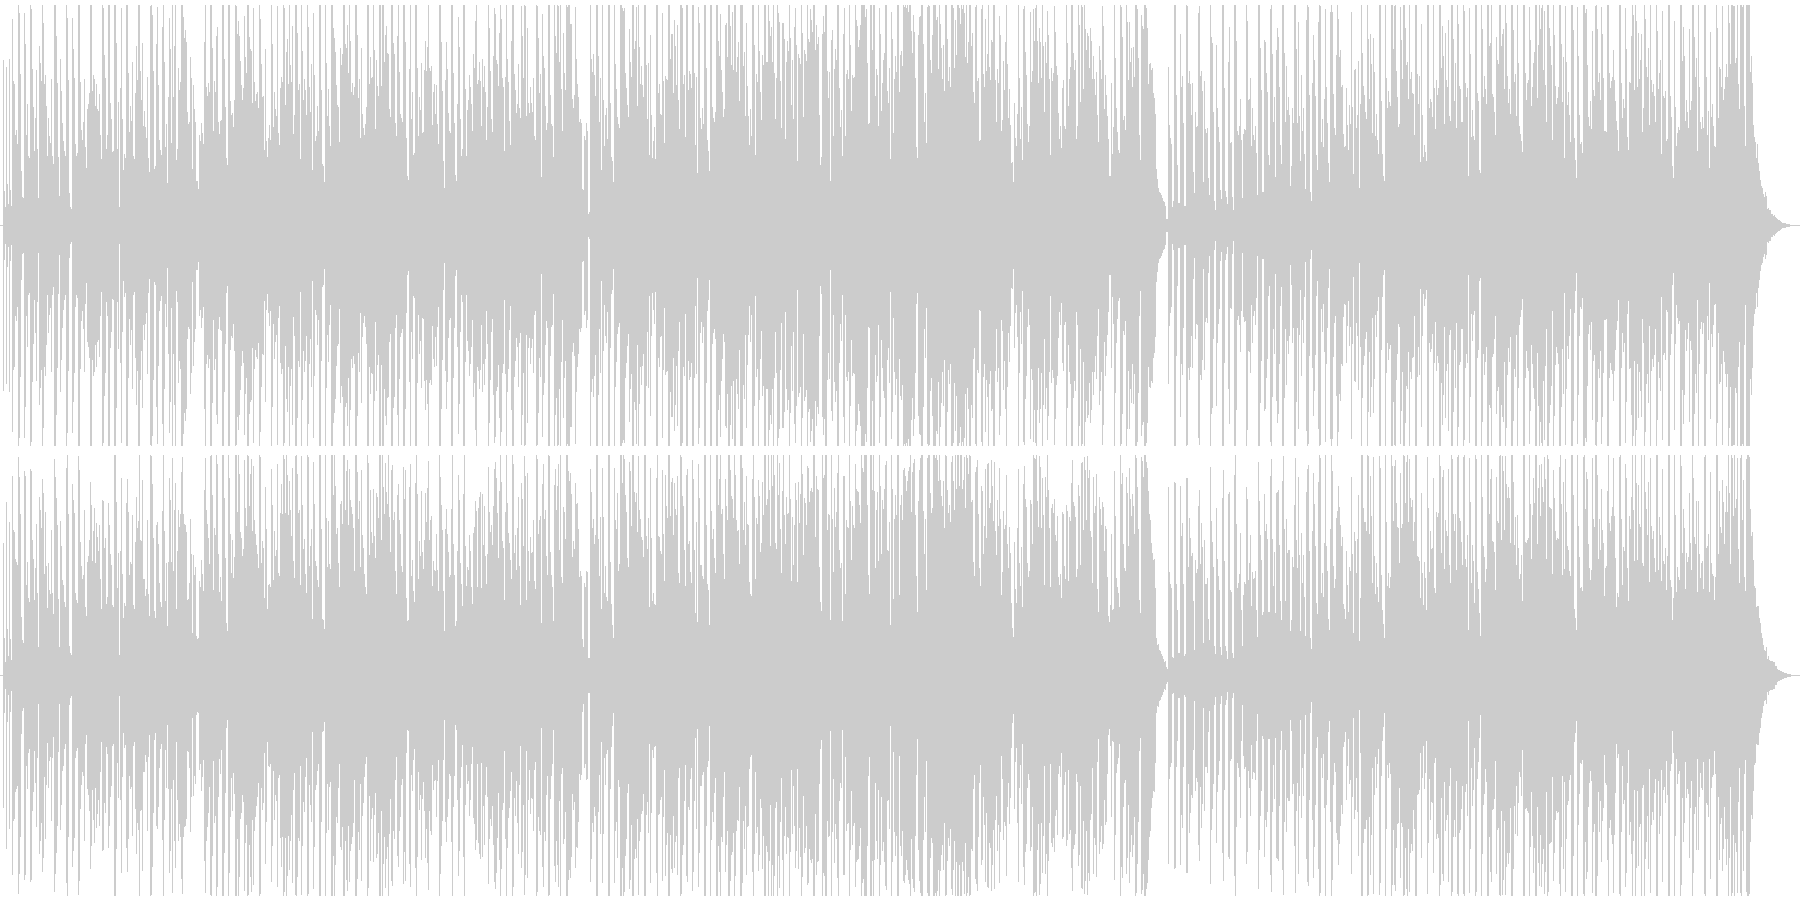 ほのぼのとしたレゲエ風BGMの未再生の波形